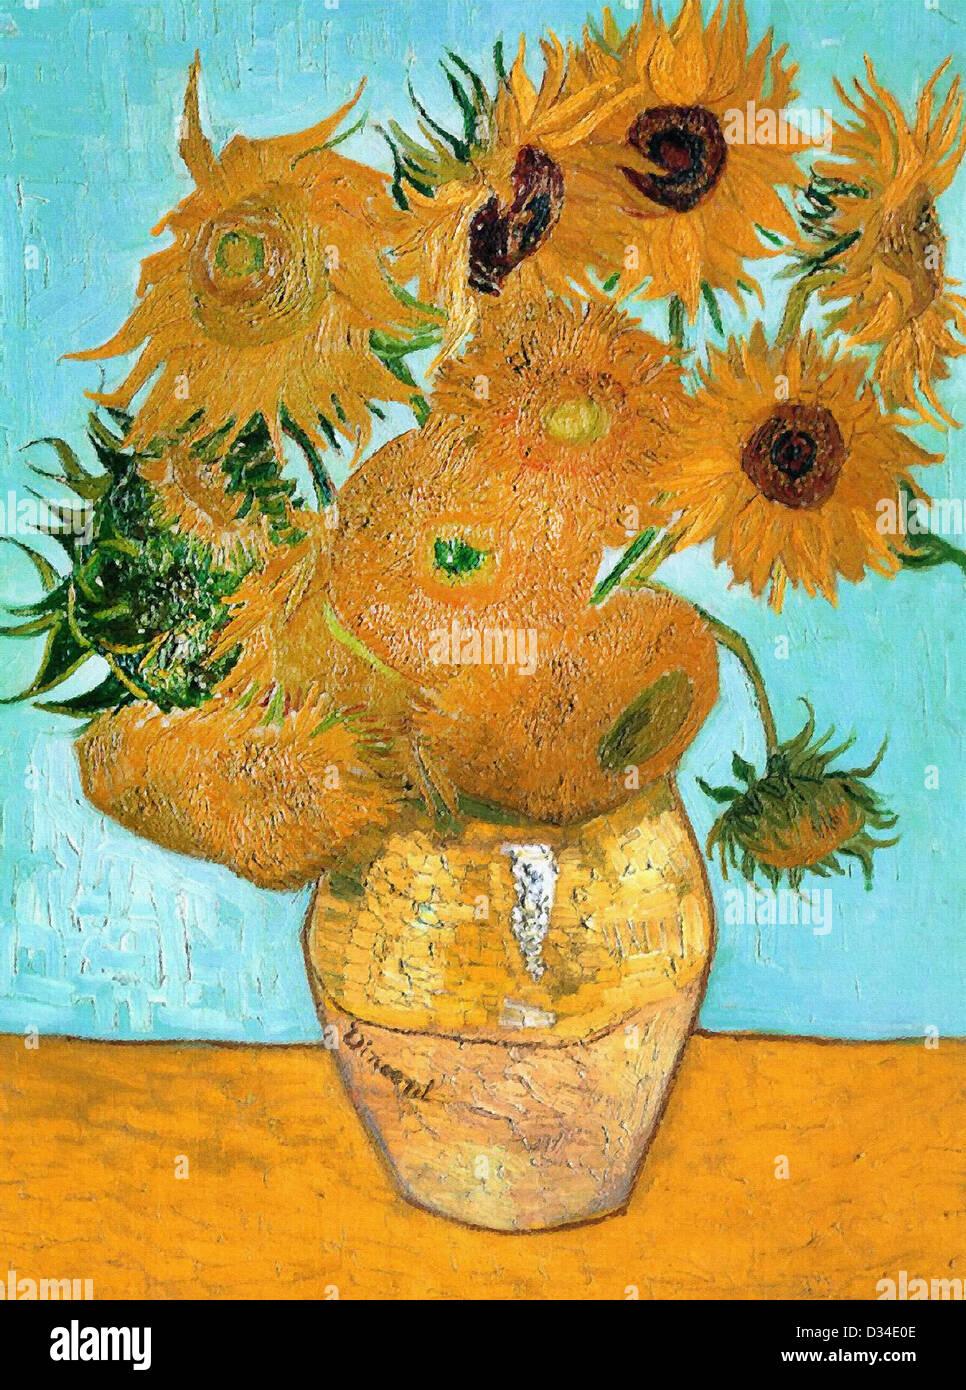 Vincent van Gogh, Still Life - Vase avec douze Tournesols. 1888. Le postimpressionnisme. Huile sur toile. Photo Stock